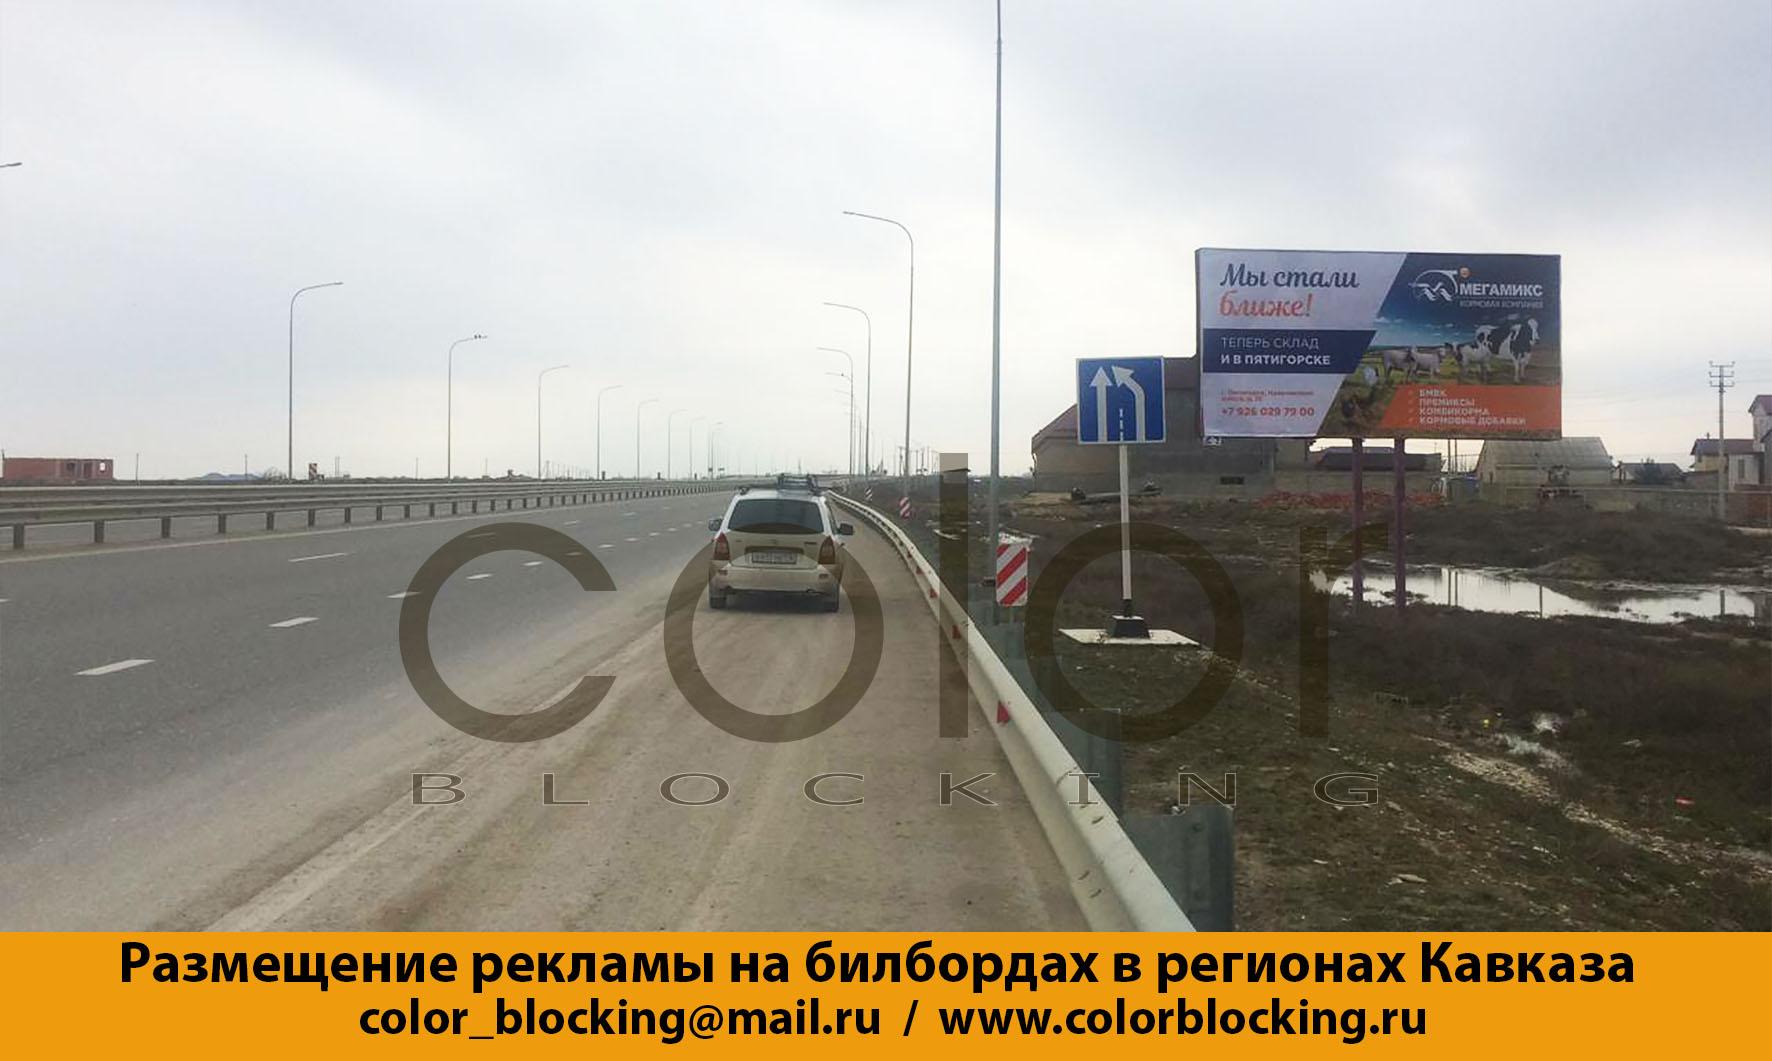 Реклама на билбордах на Кавказе Махачкала